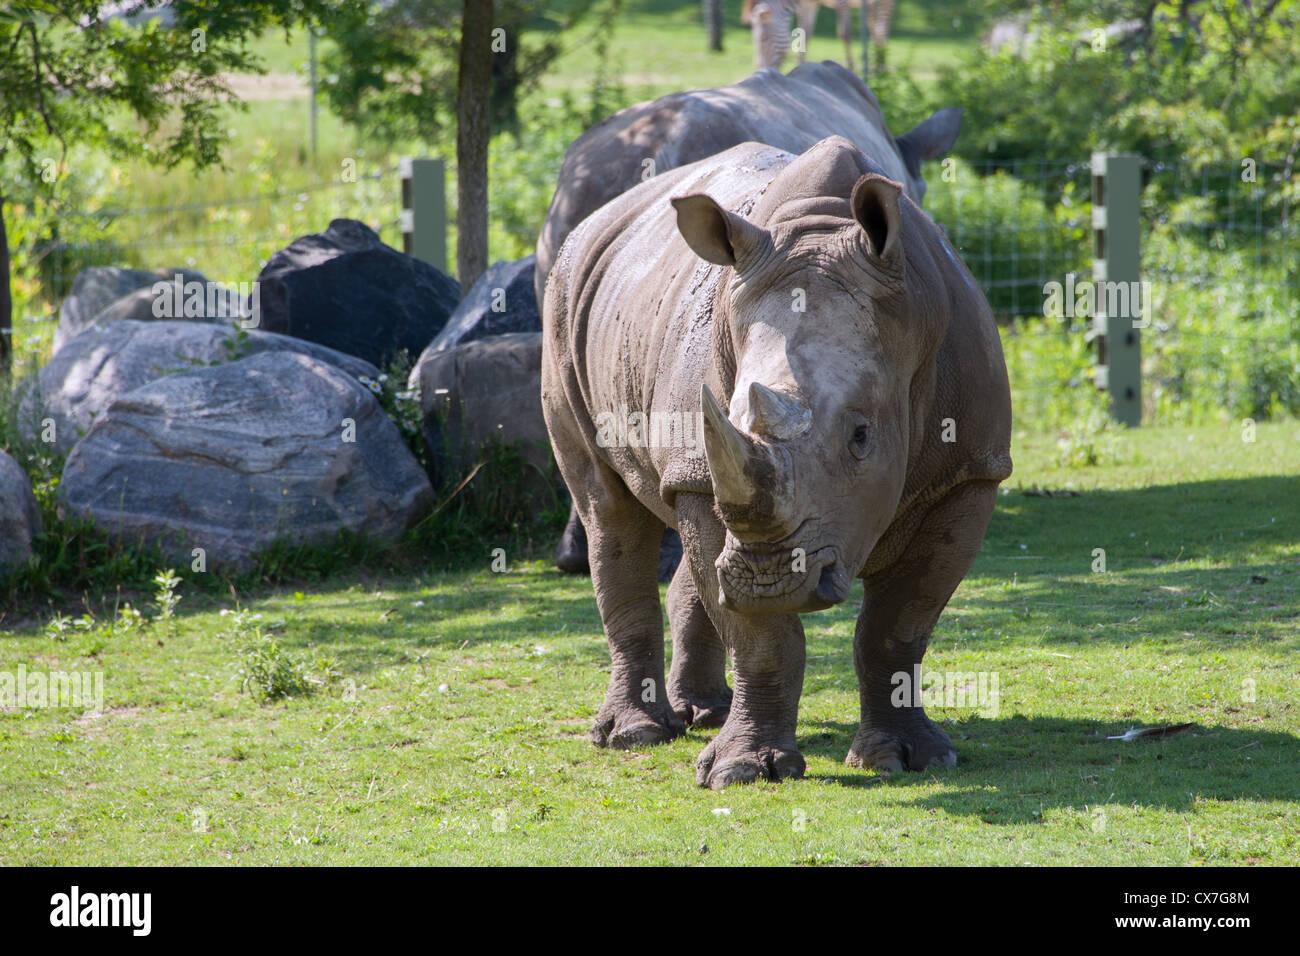 Il s'agit d'une image d'un rhinocéros au Zoo de Toronto Photo Stock